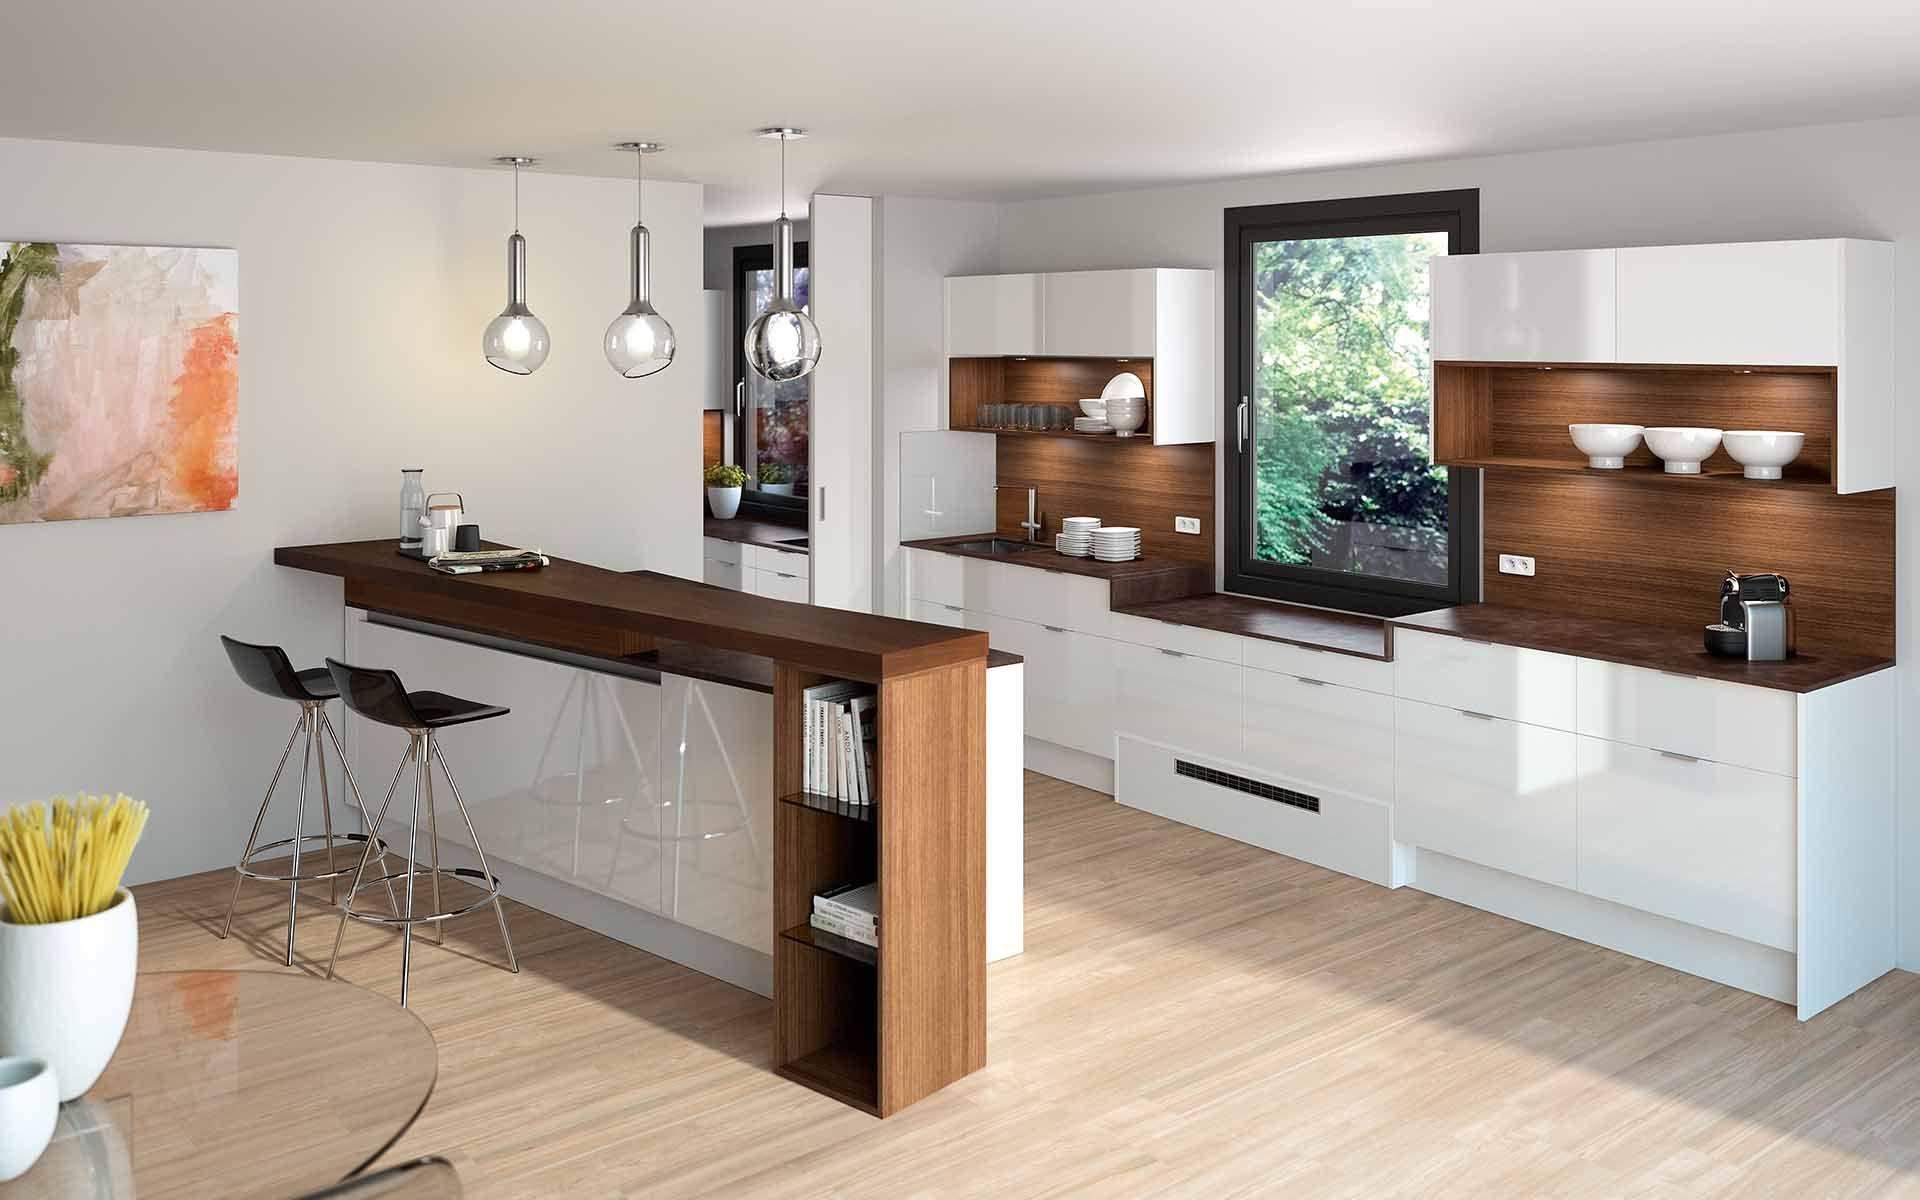 Ewe Küchen ~ Weiß als trendfarbe für küchen in kompination mit holz. tolle